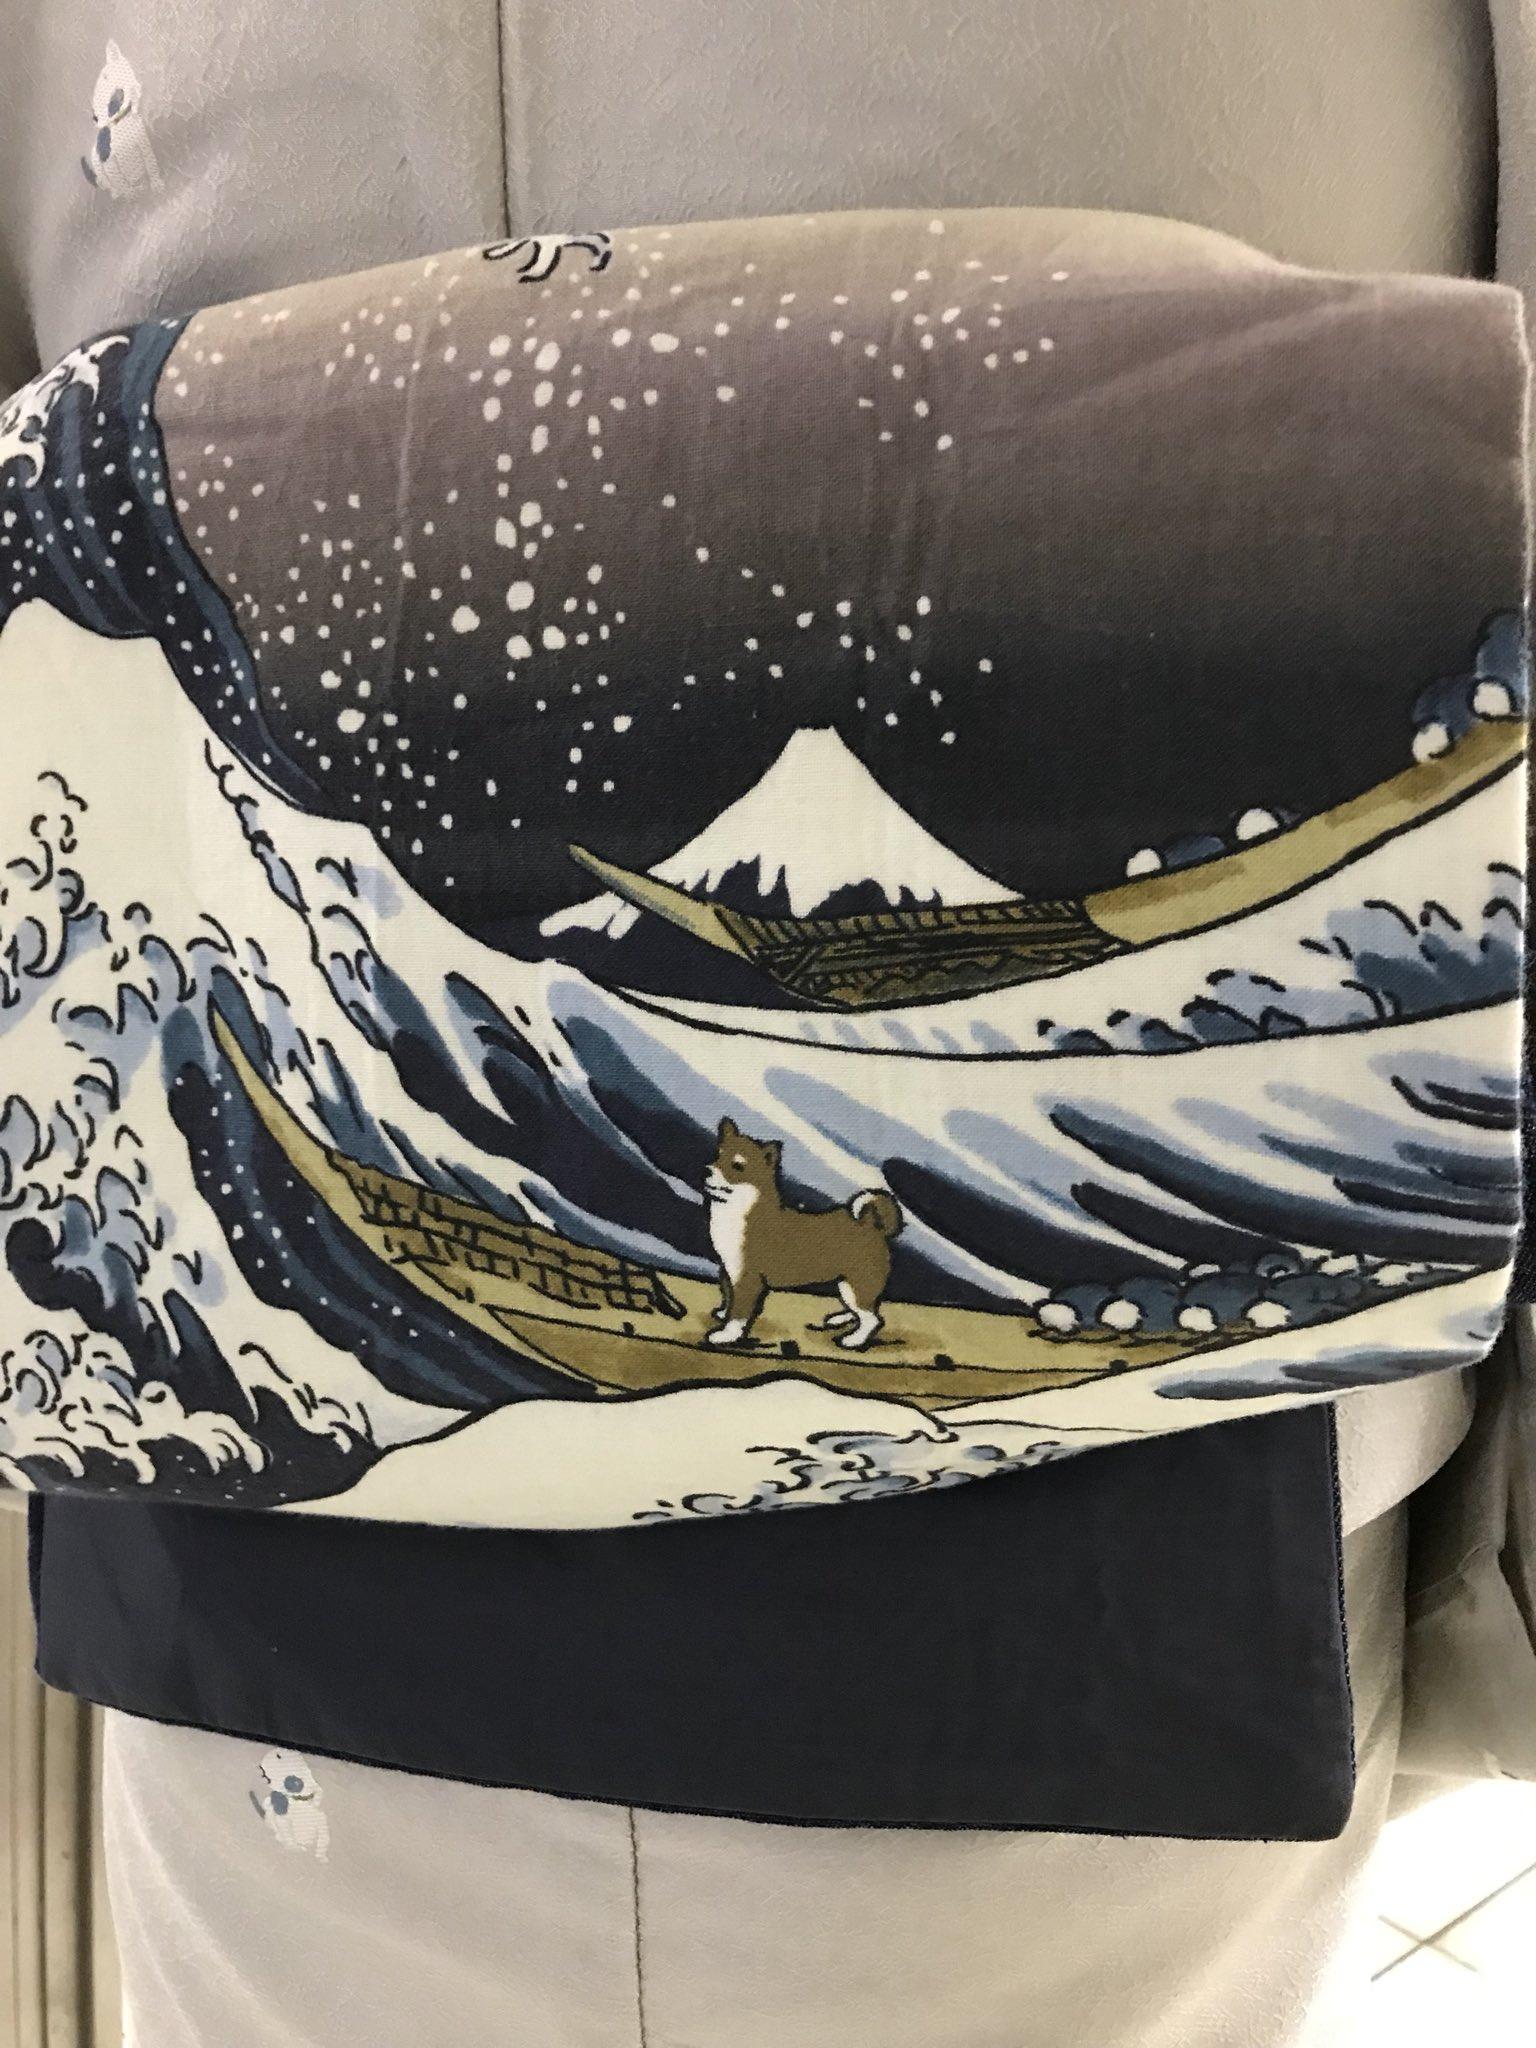 富嶽三十六景で柴犬が波乗ってる!偶然出会ったご婦人の帯が素敵すぎた…っ